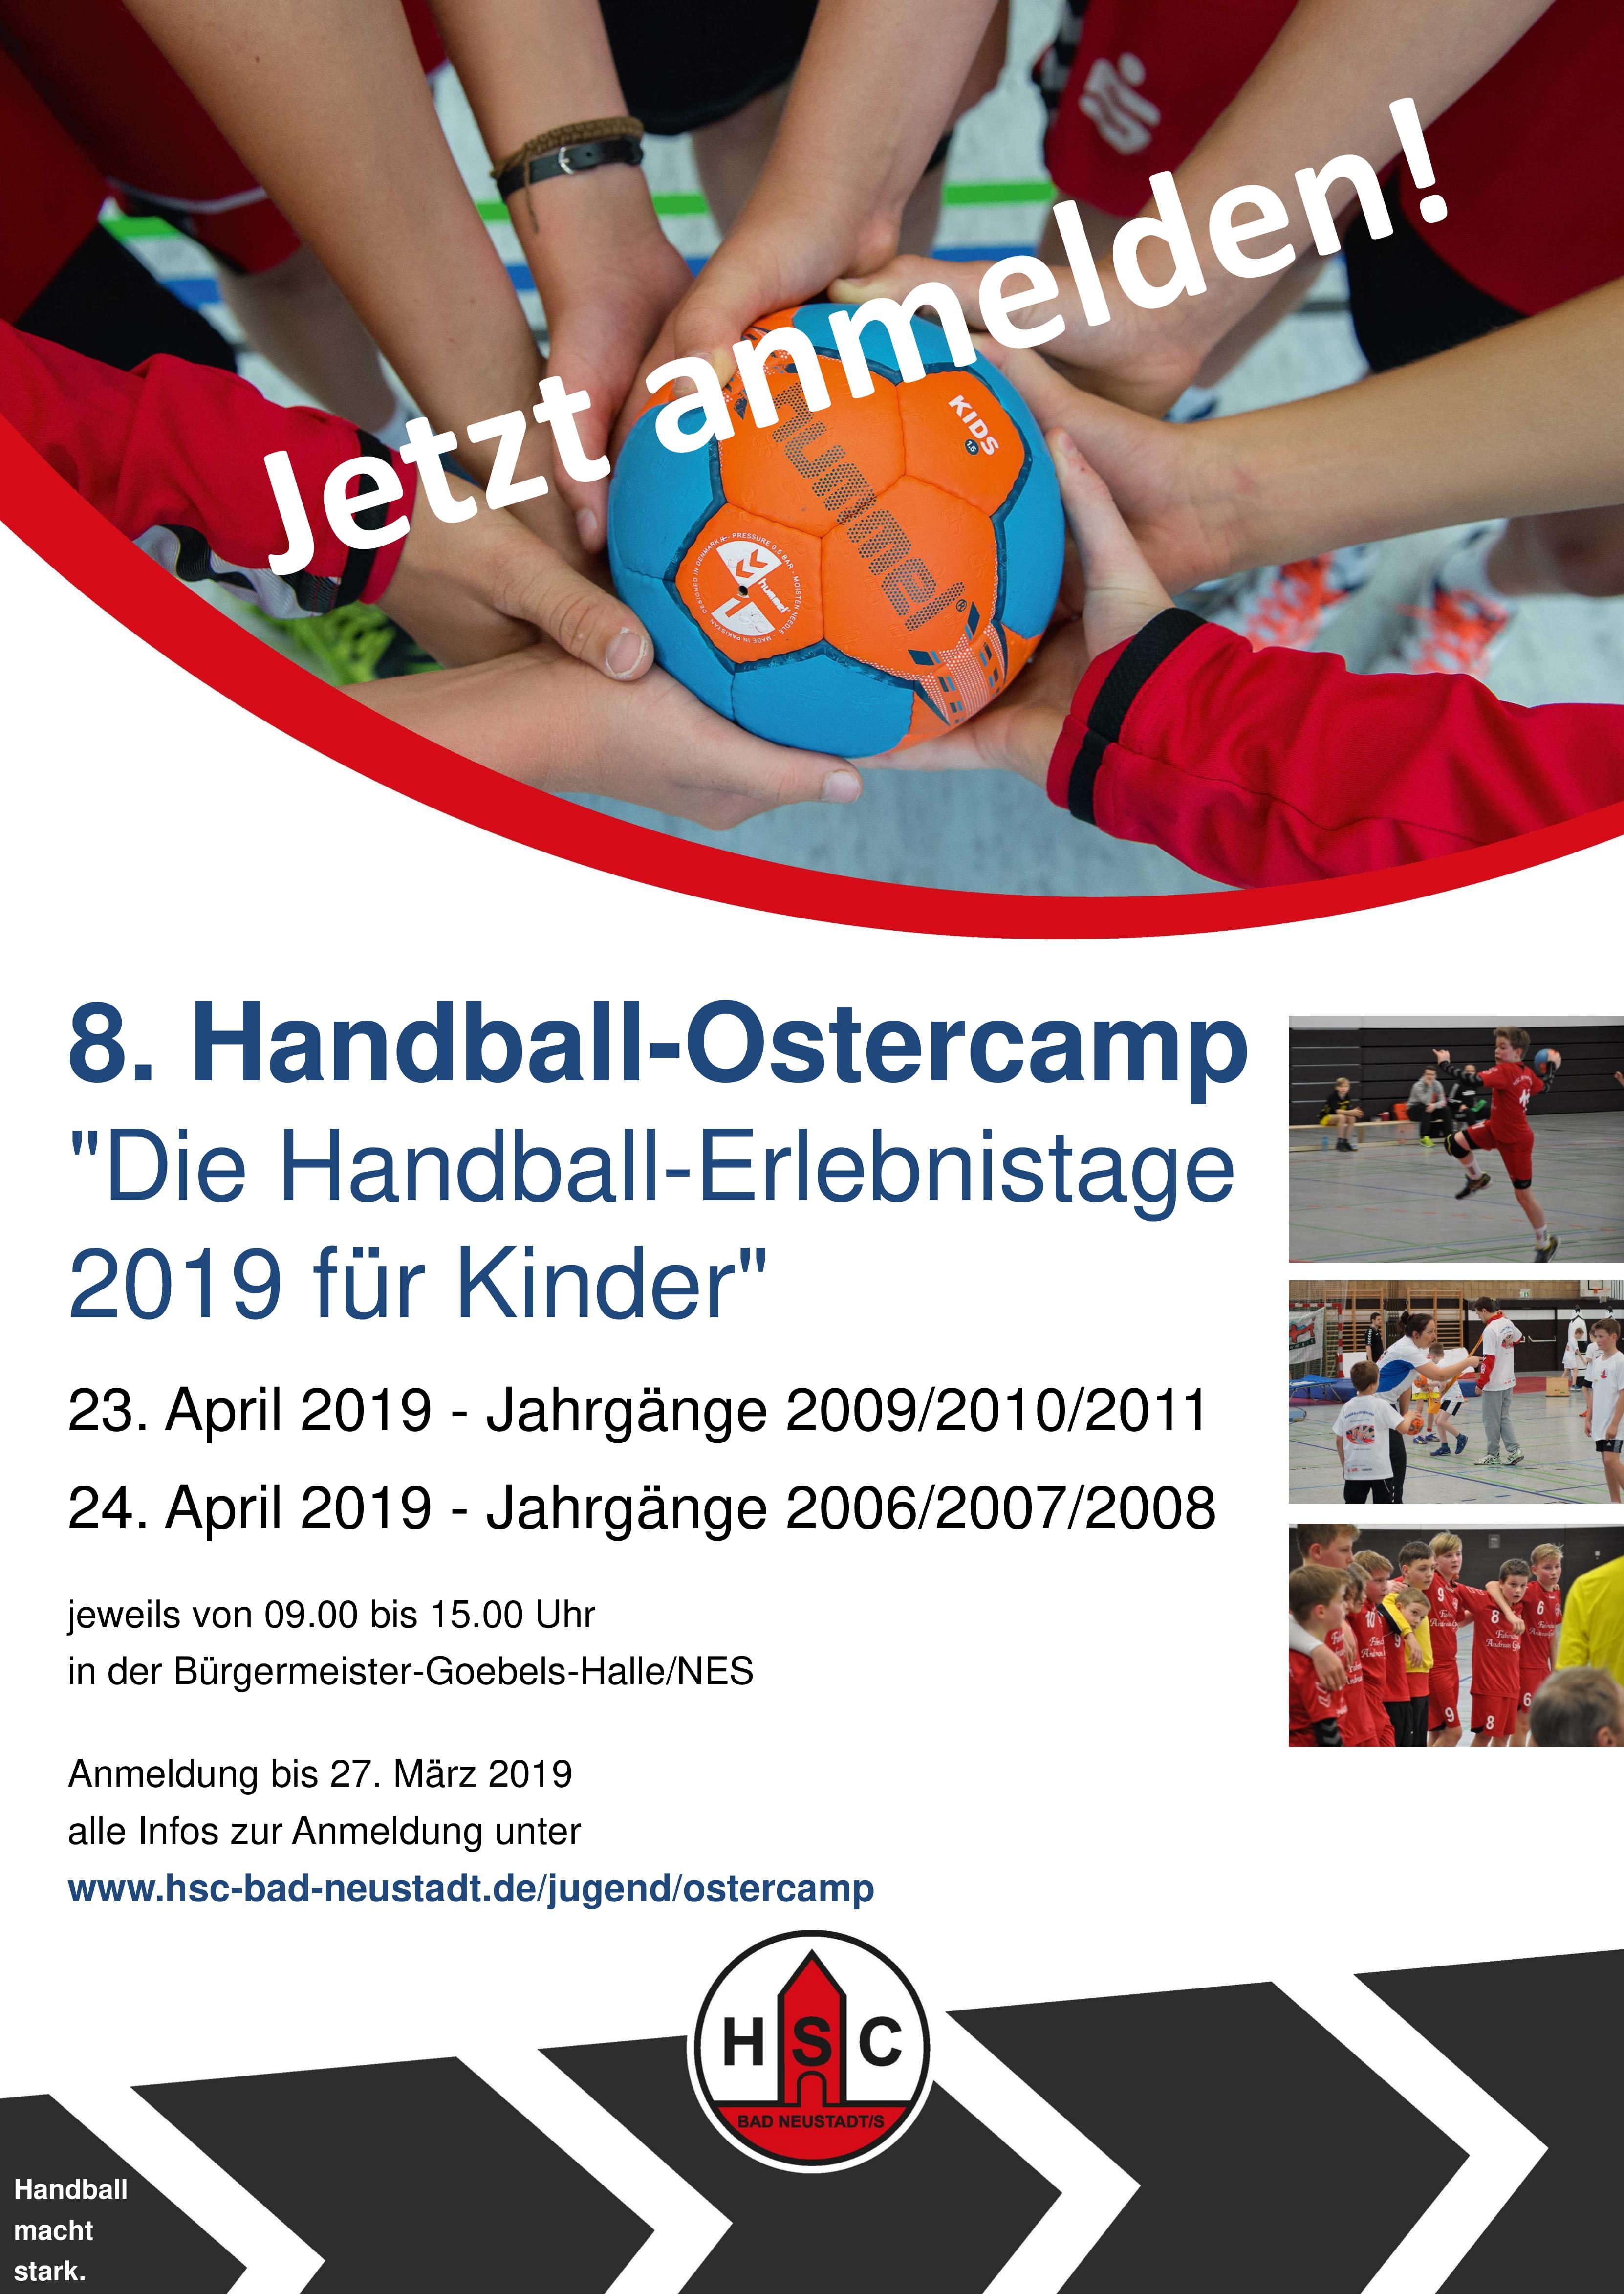 HSC-Ostercamp 2019 – Jetzt anmelden!